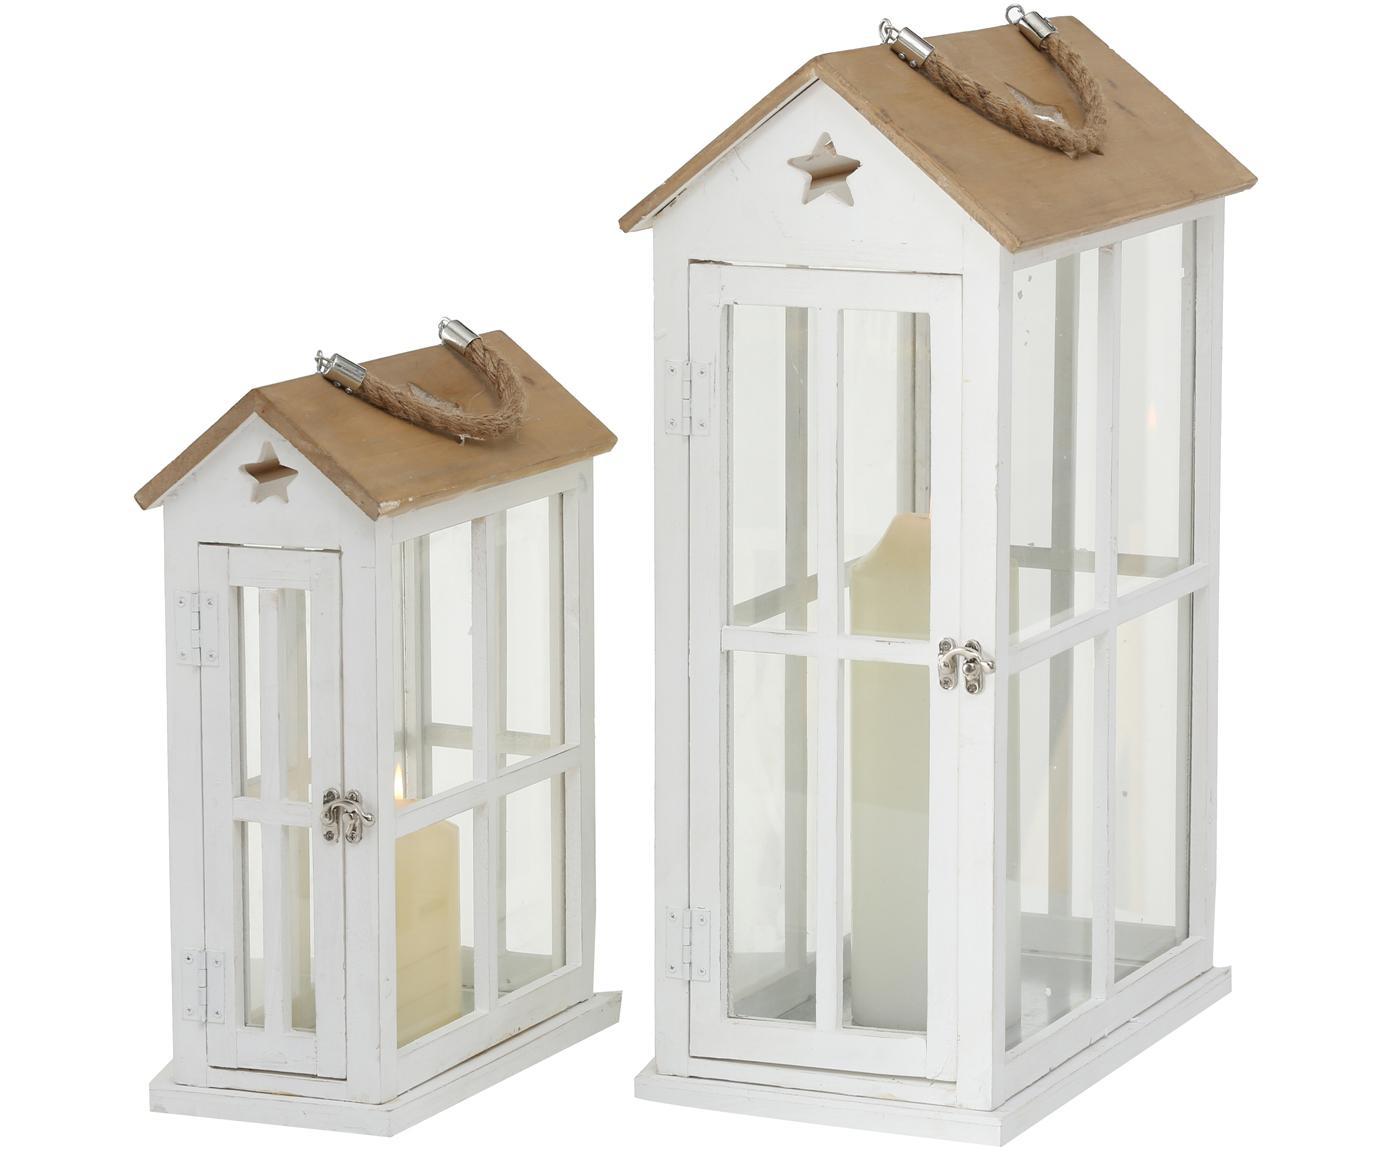 Laternen-Set Casa, 2-tlg., Gestell: Spießtanne, beschichtet, Griff: Jute, Weiß, Holz, Sondergrößen